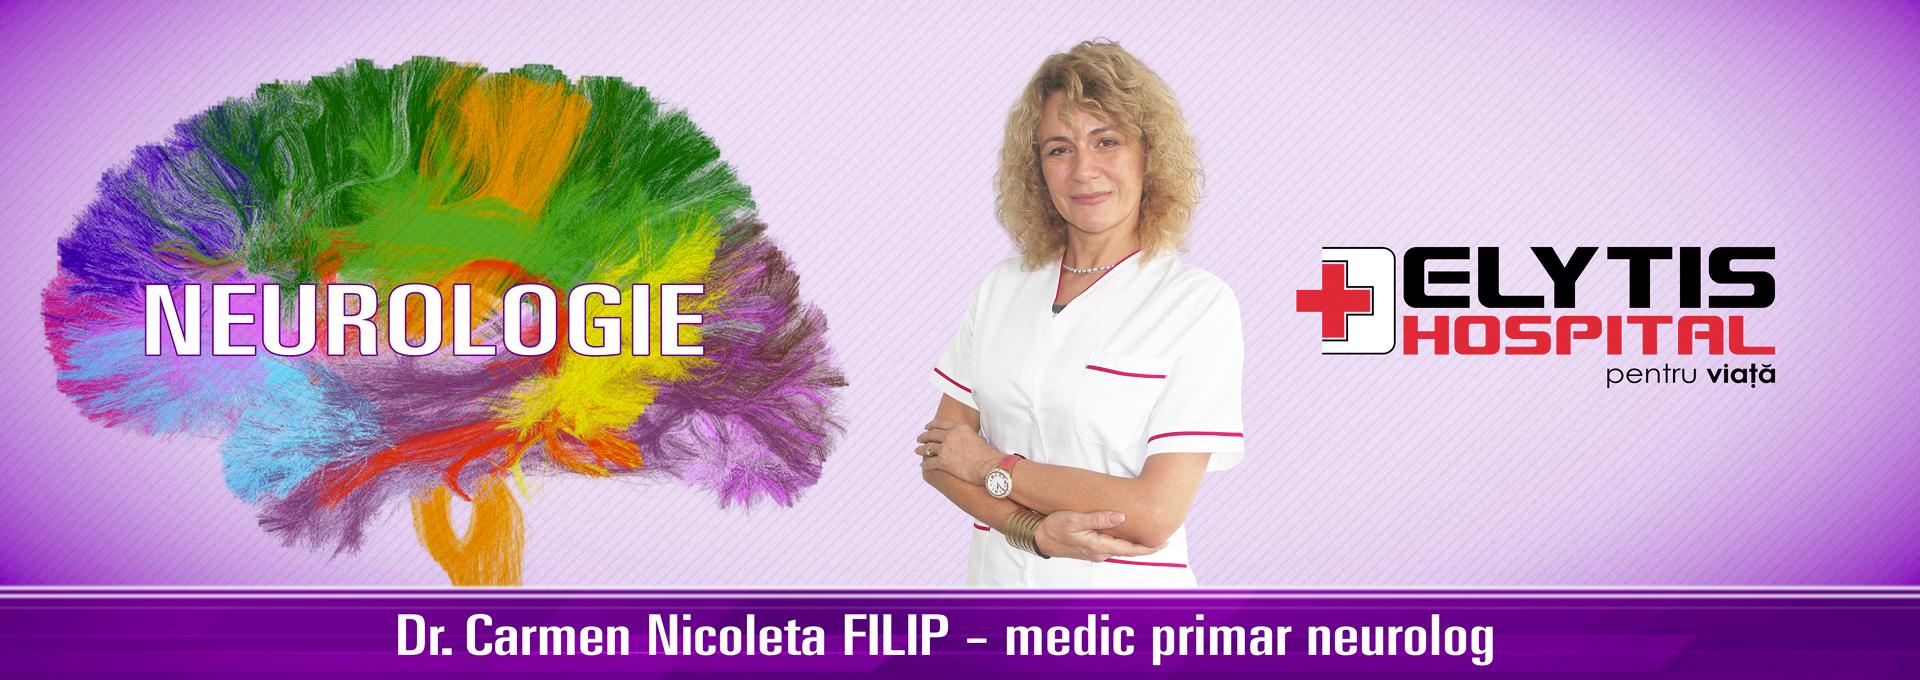 NEUROLOGIE-Dr.-Carmen-Nicoleta-FILIP-20.11